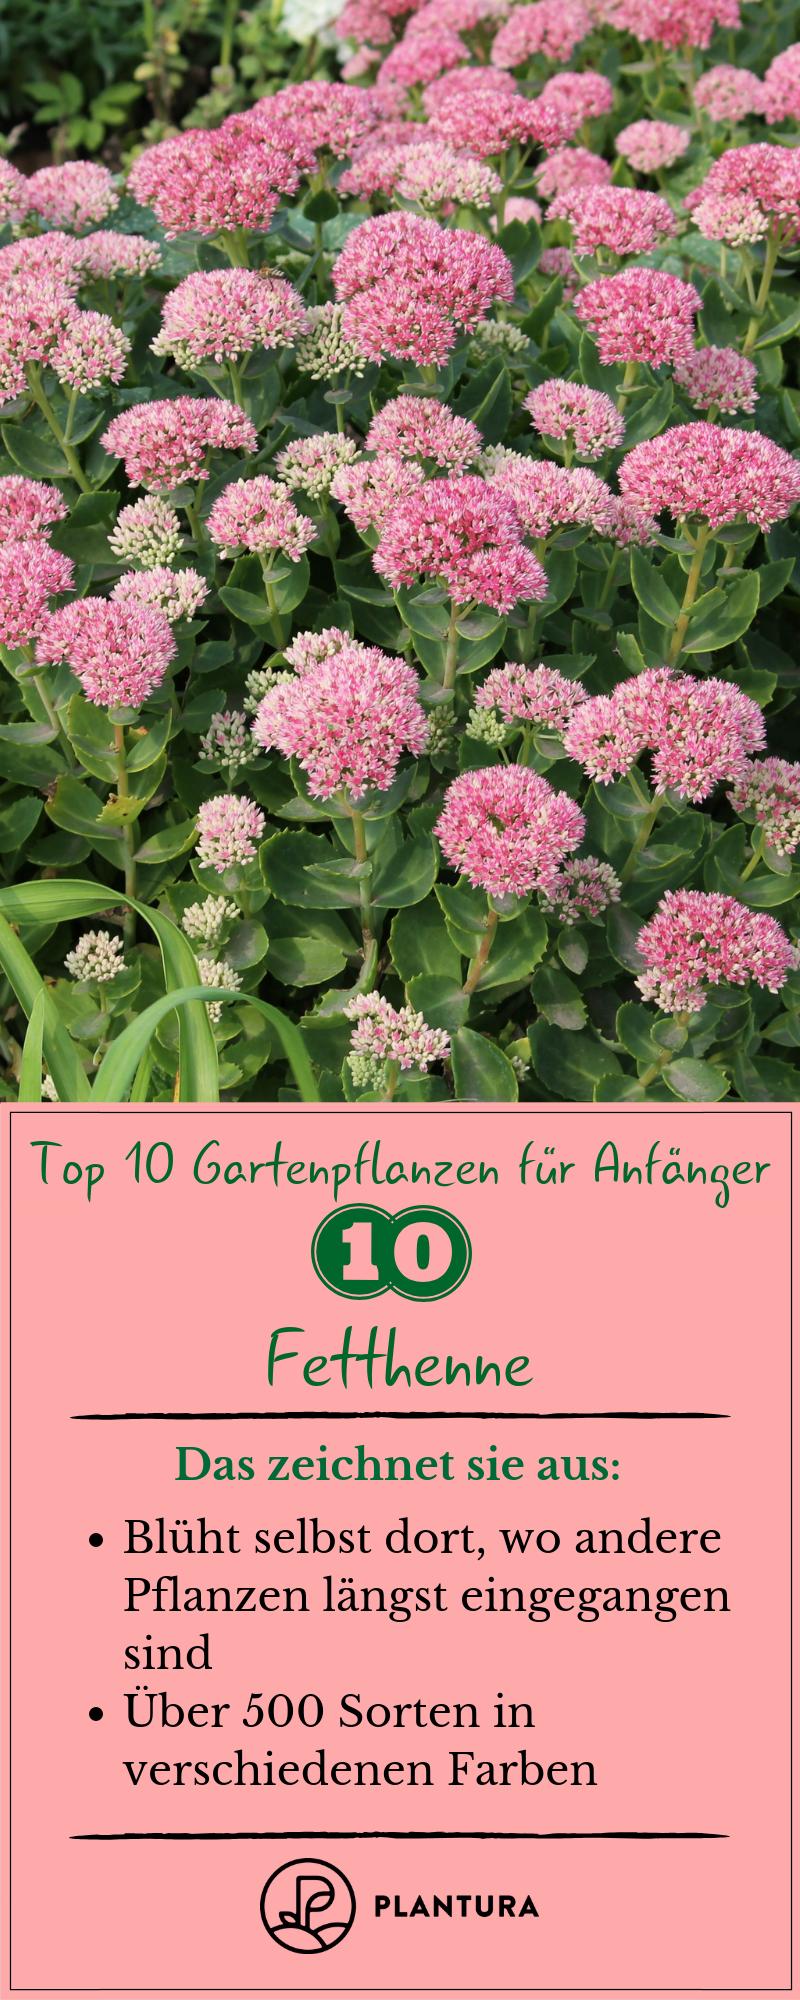 10 Gartenpflanzen für Anfänger - Plantura